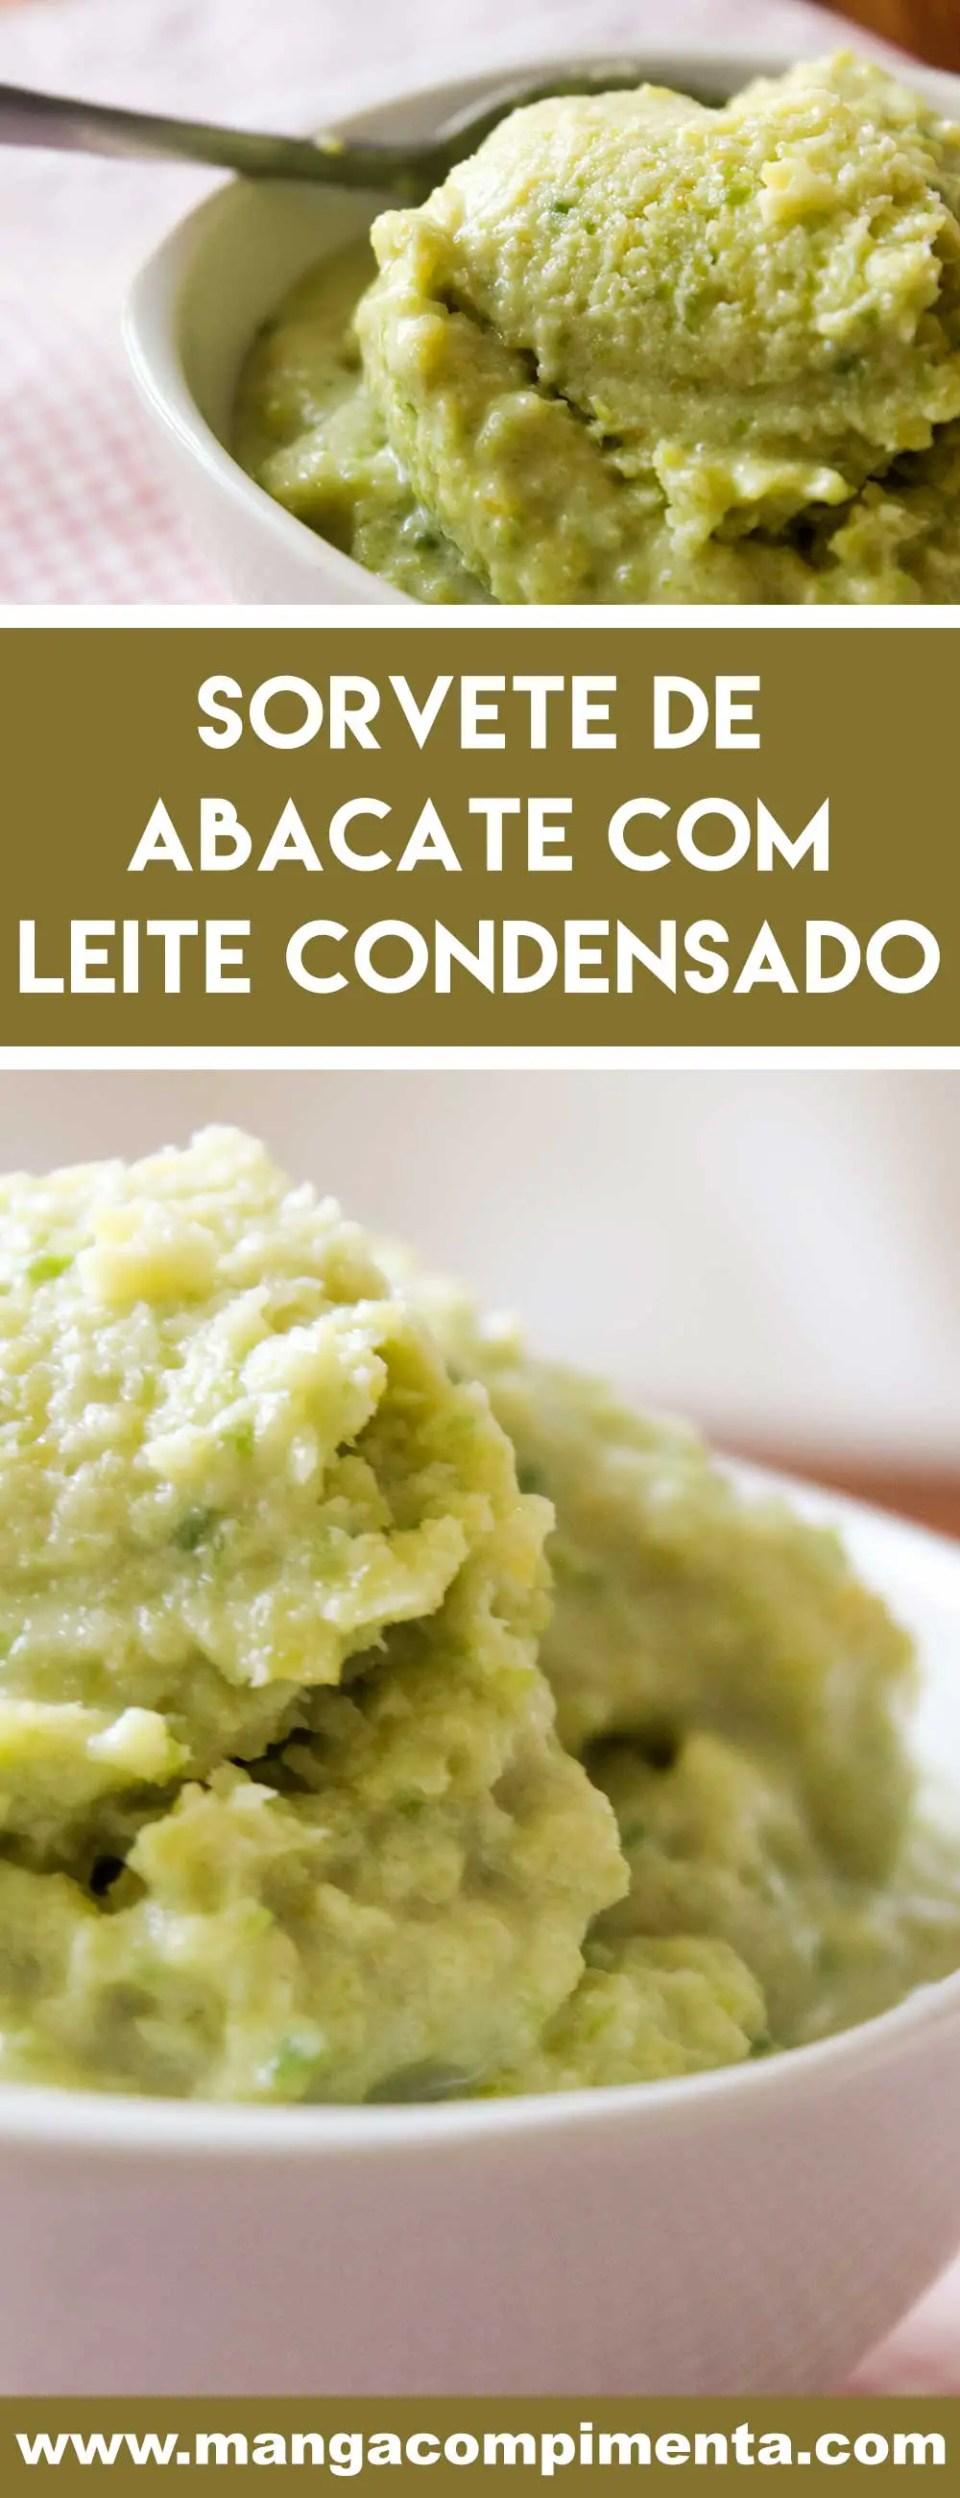 Receita de Sorvete de Abacate com Leite Condensado - uma sobremesa gelada e deliciosa para os dias quentes!